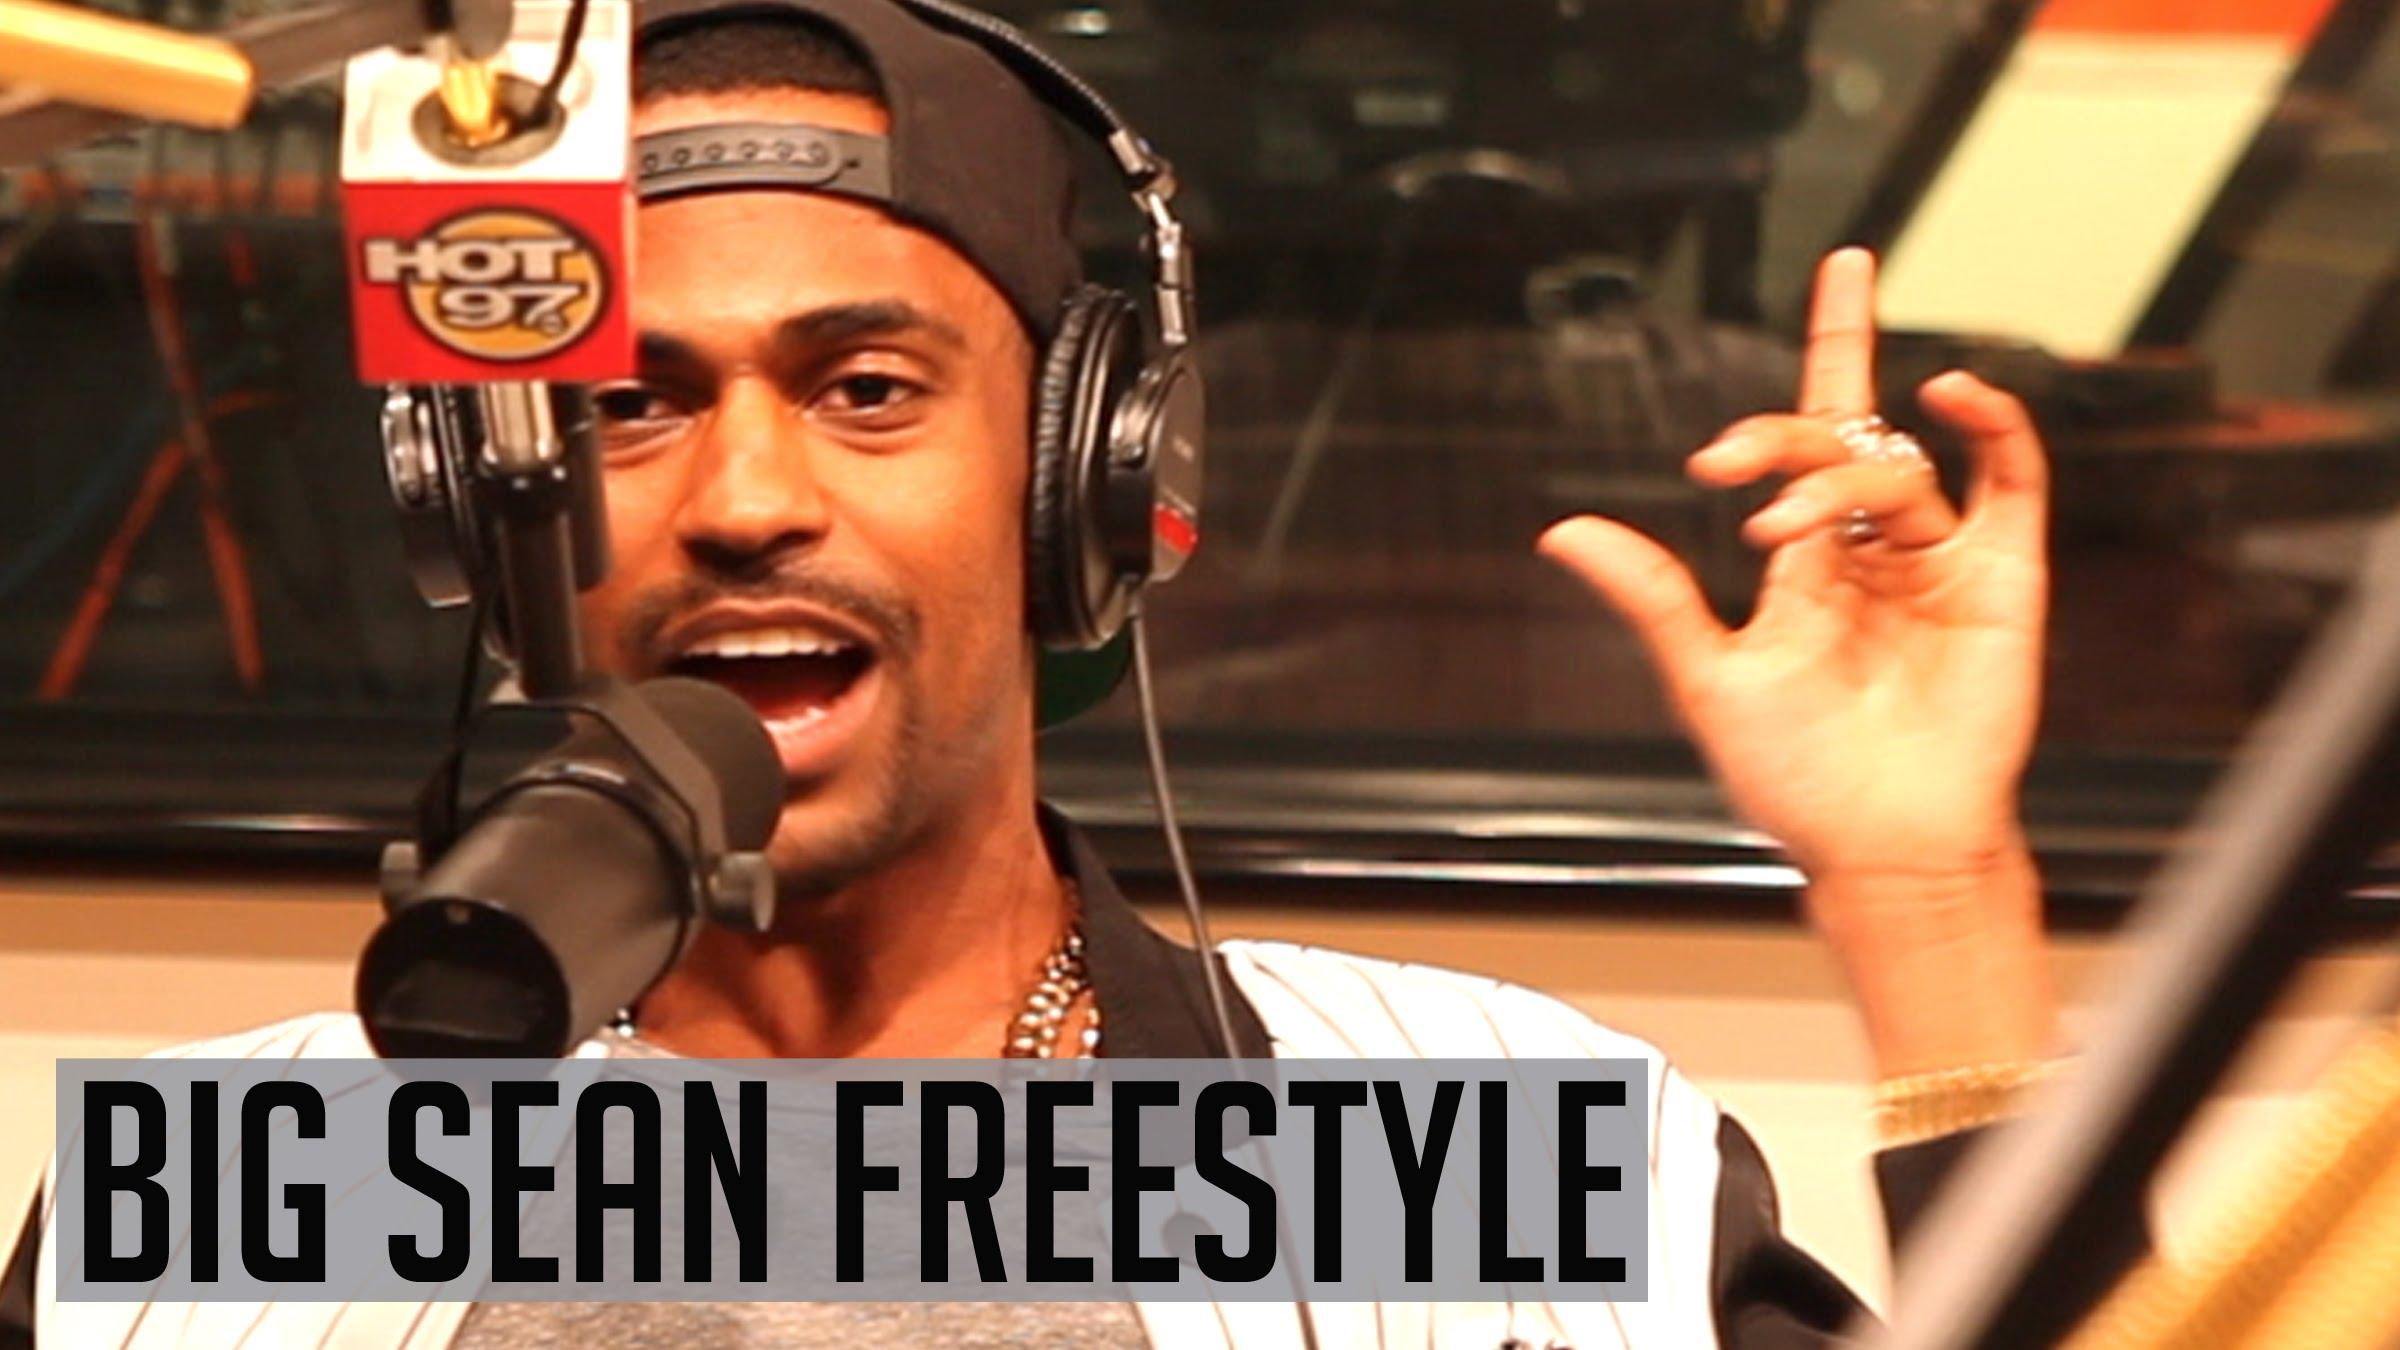 Big Sean Freestyle on Funk Flex